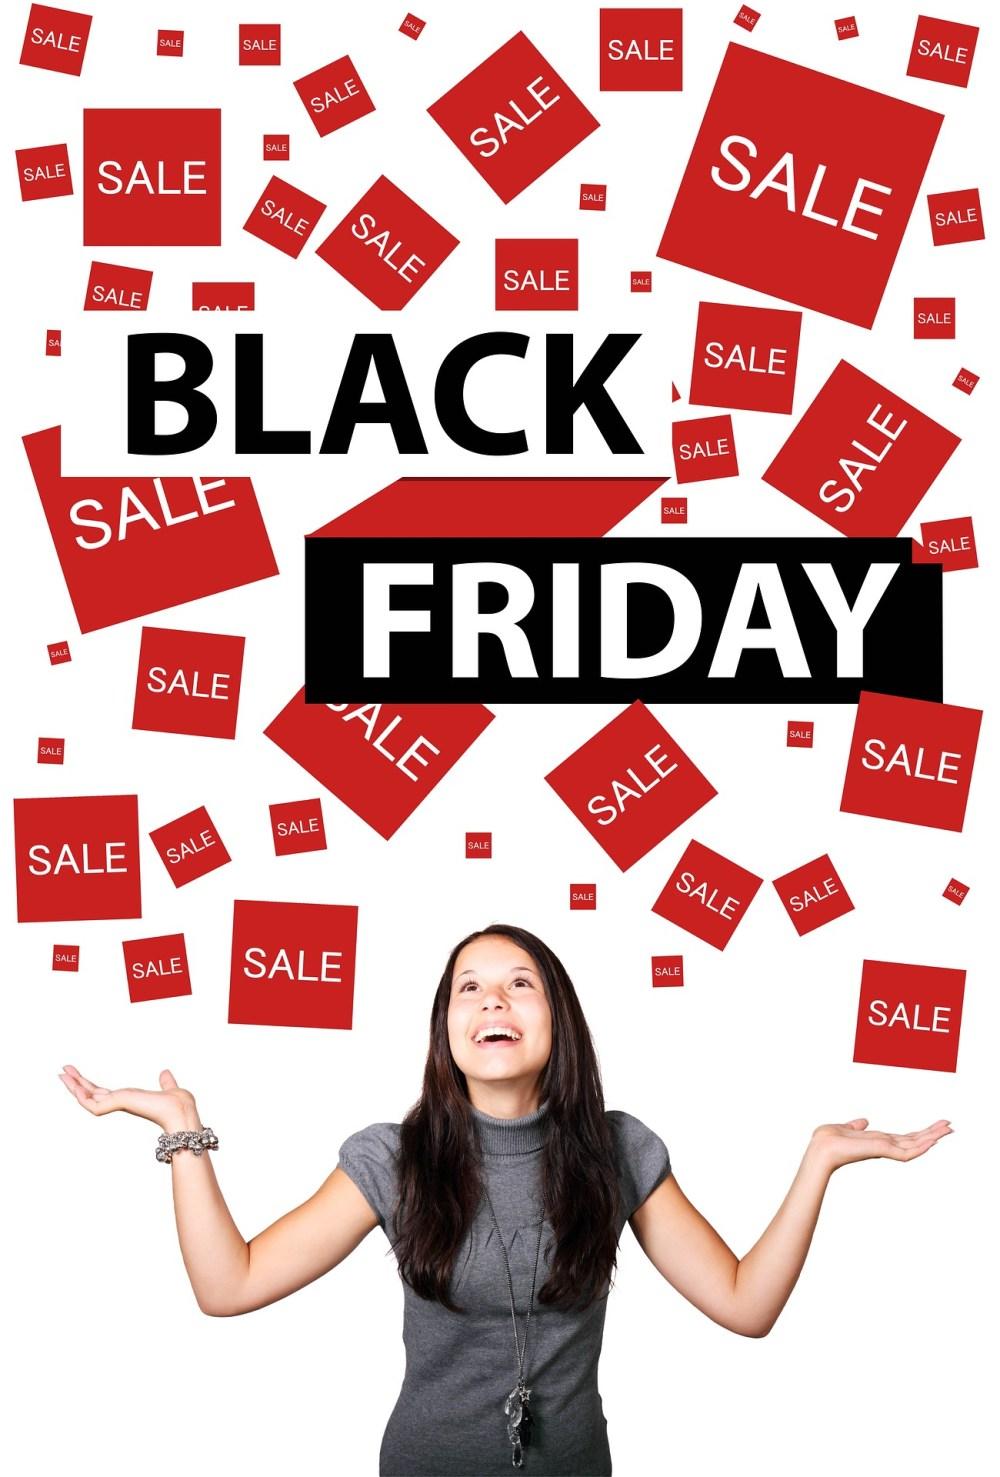 """Black Friday"""" 23 Novembre 2018👁 🗨 – BlogRomaisLove 2251d8d4808"""